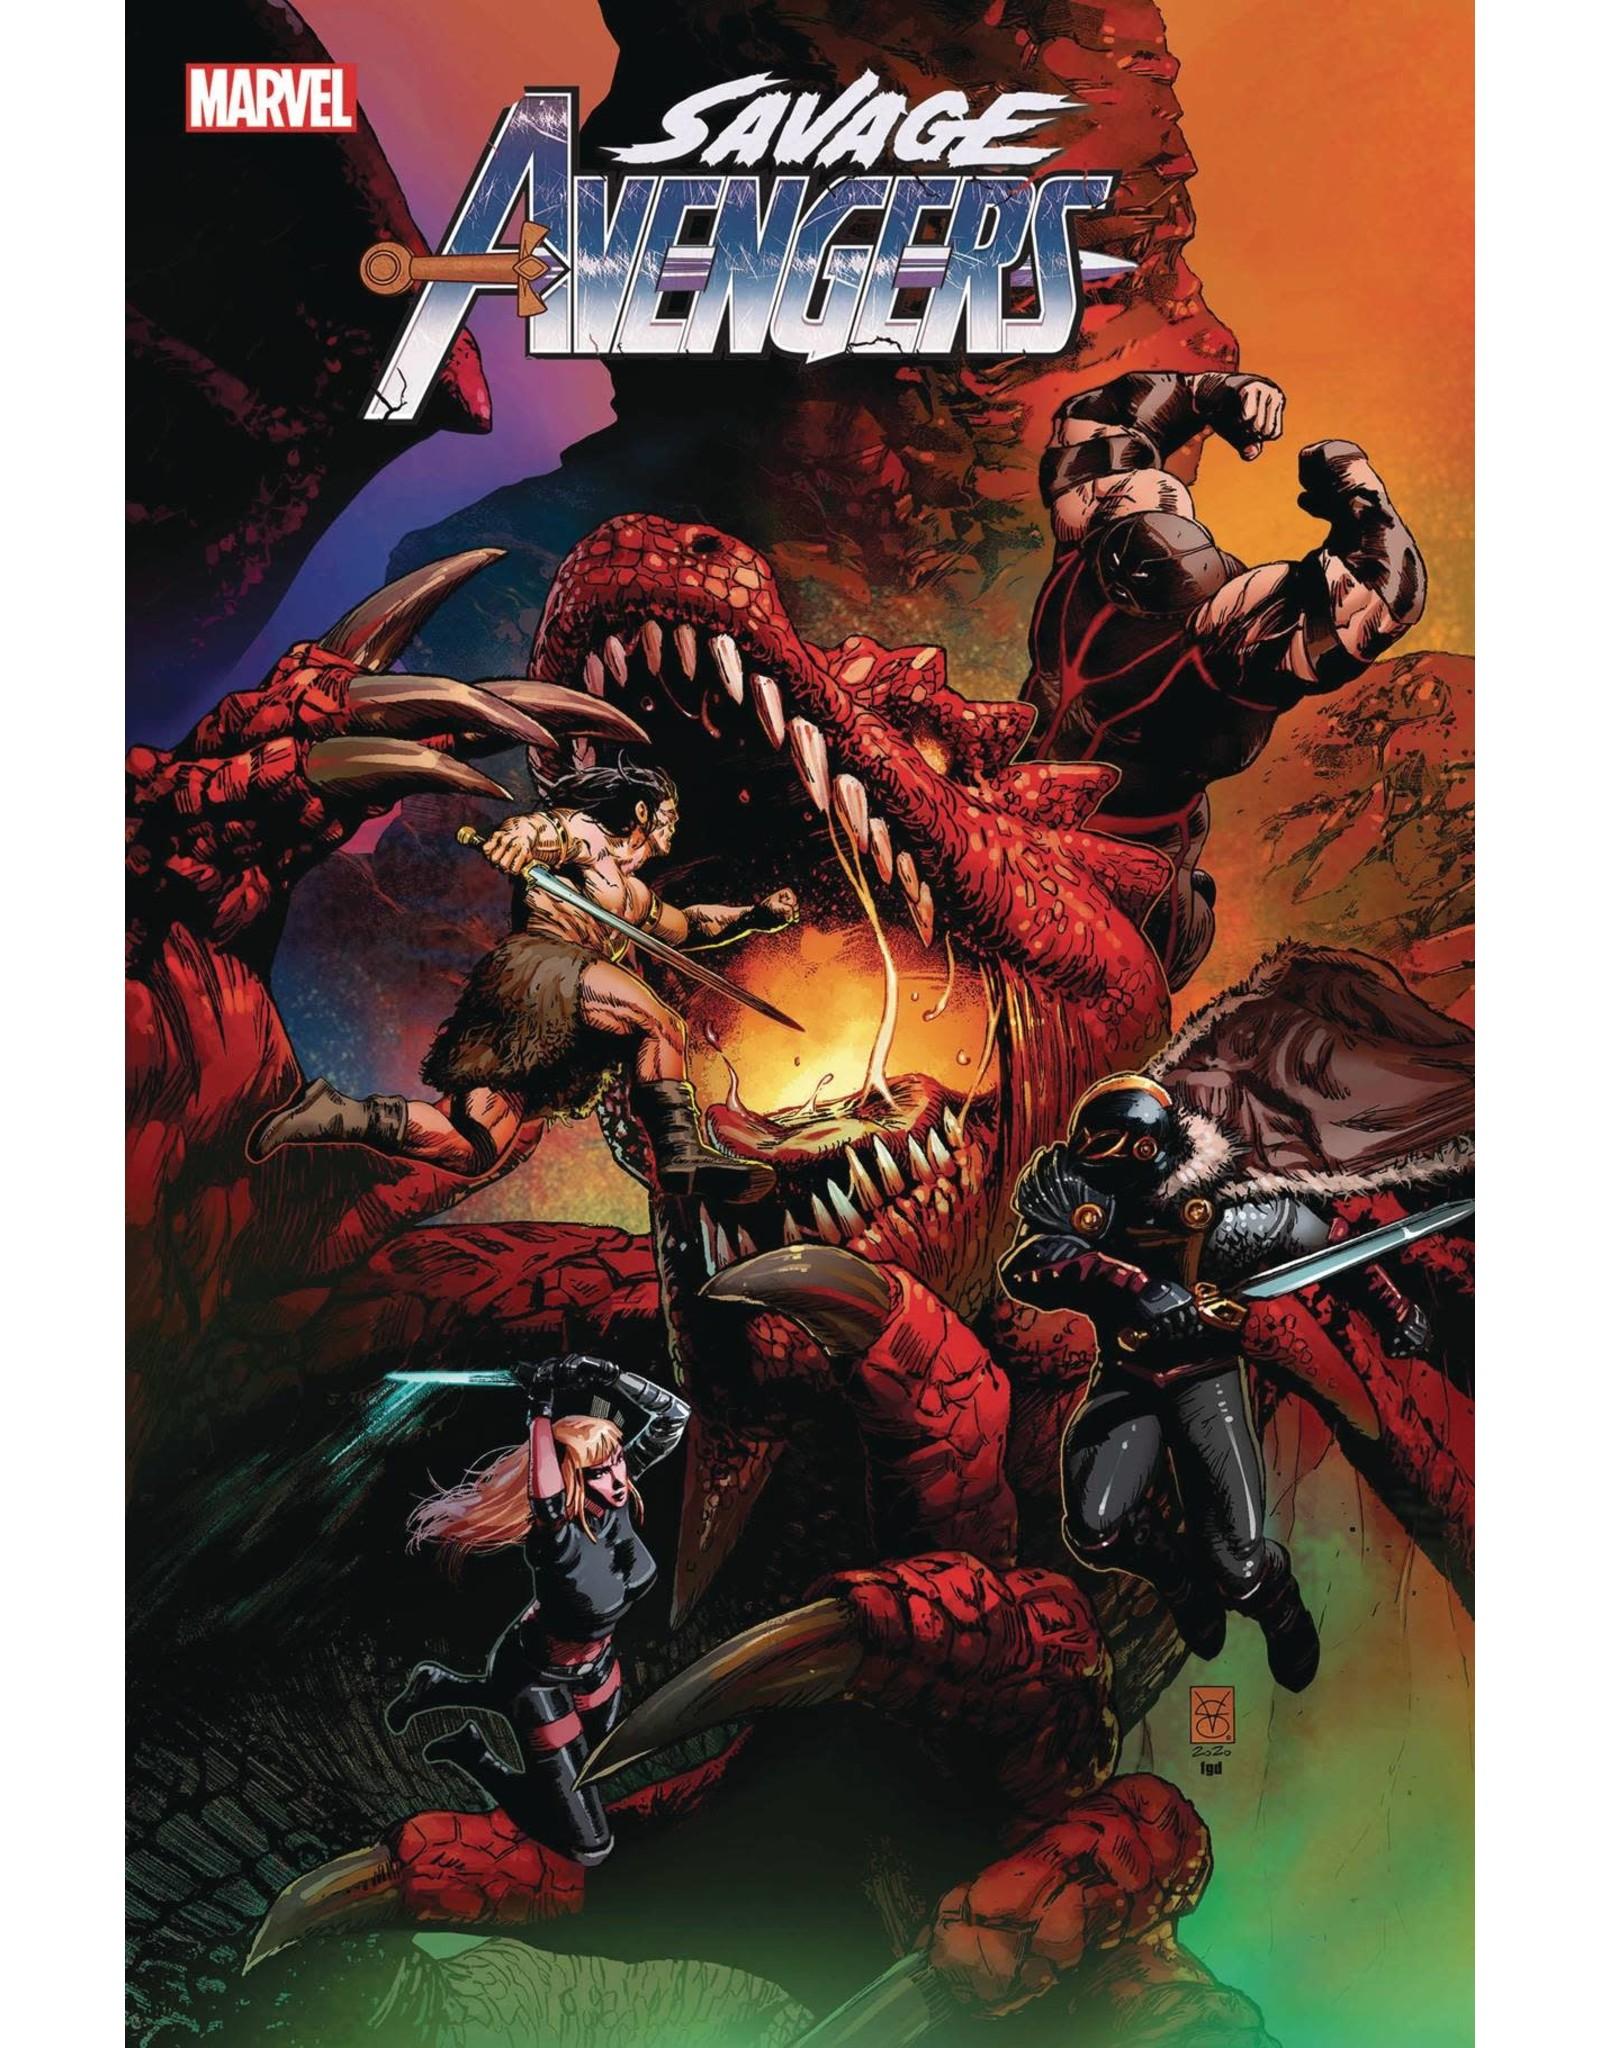 Marvel Comics SAVAGE AVENGERS #14